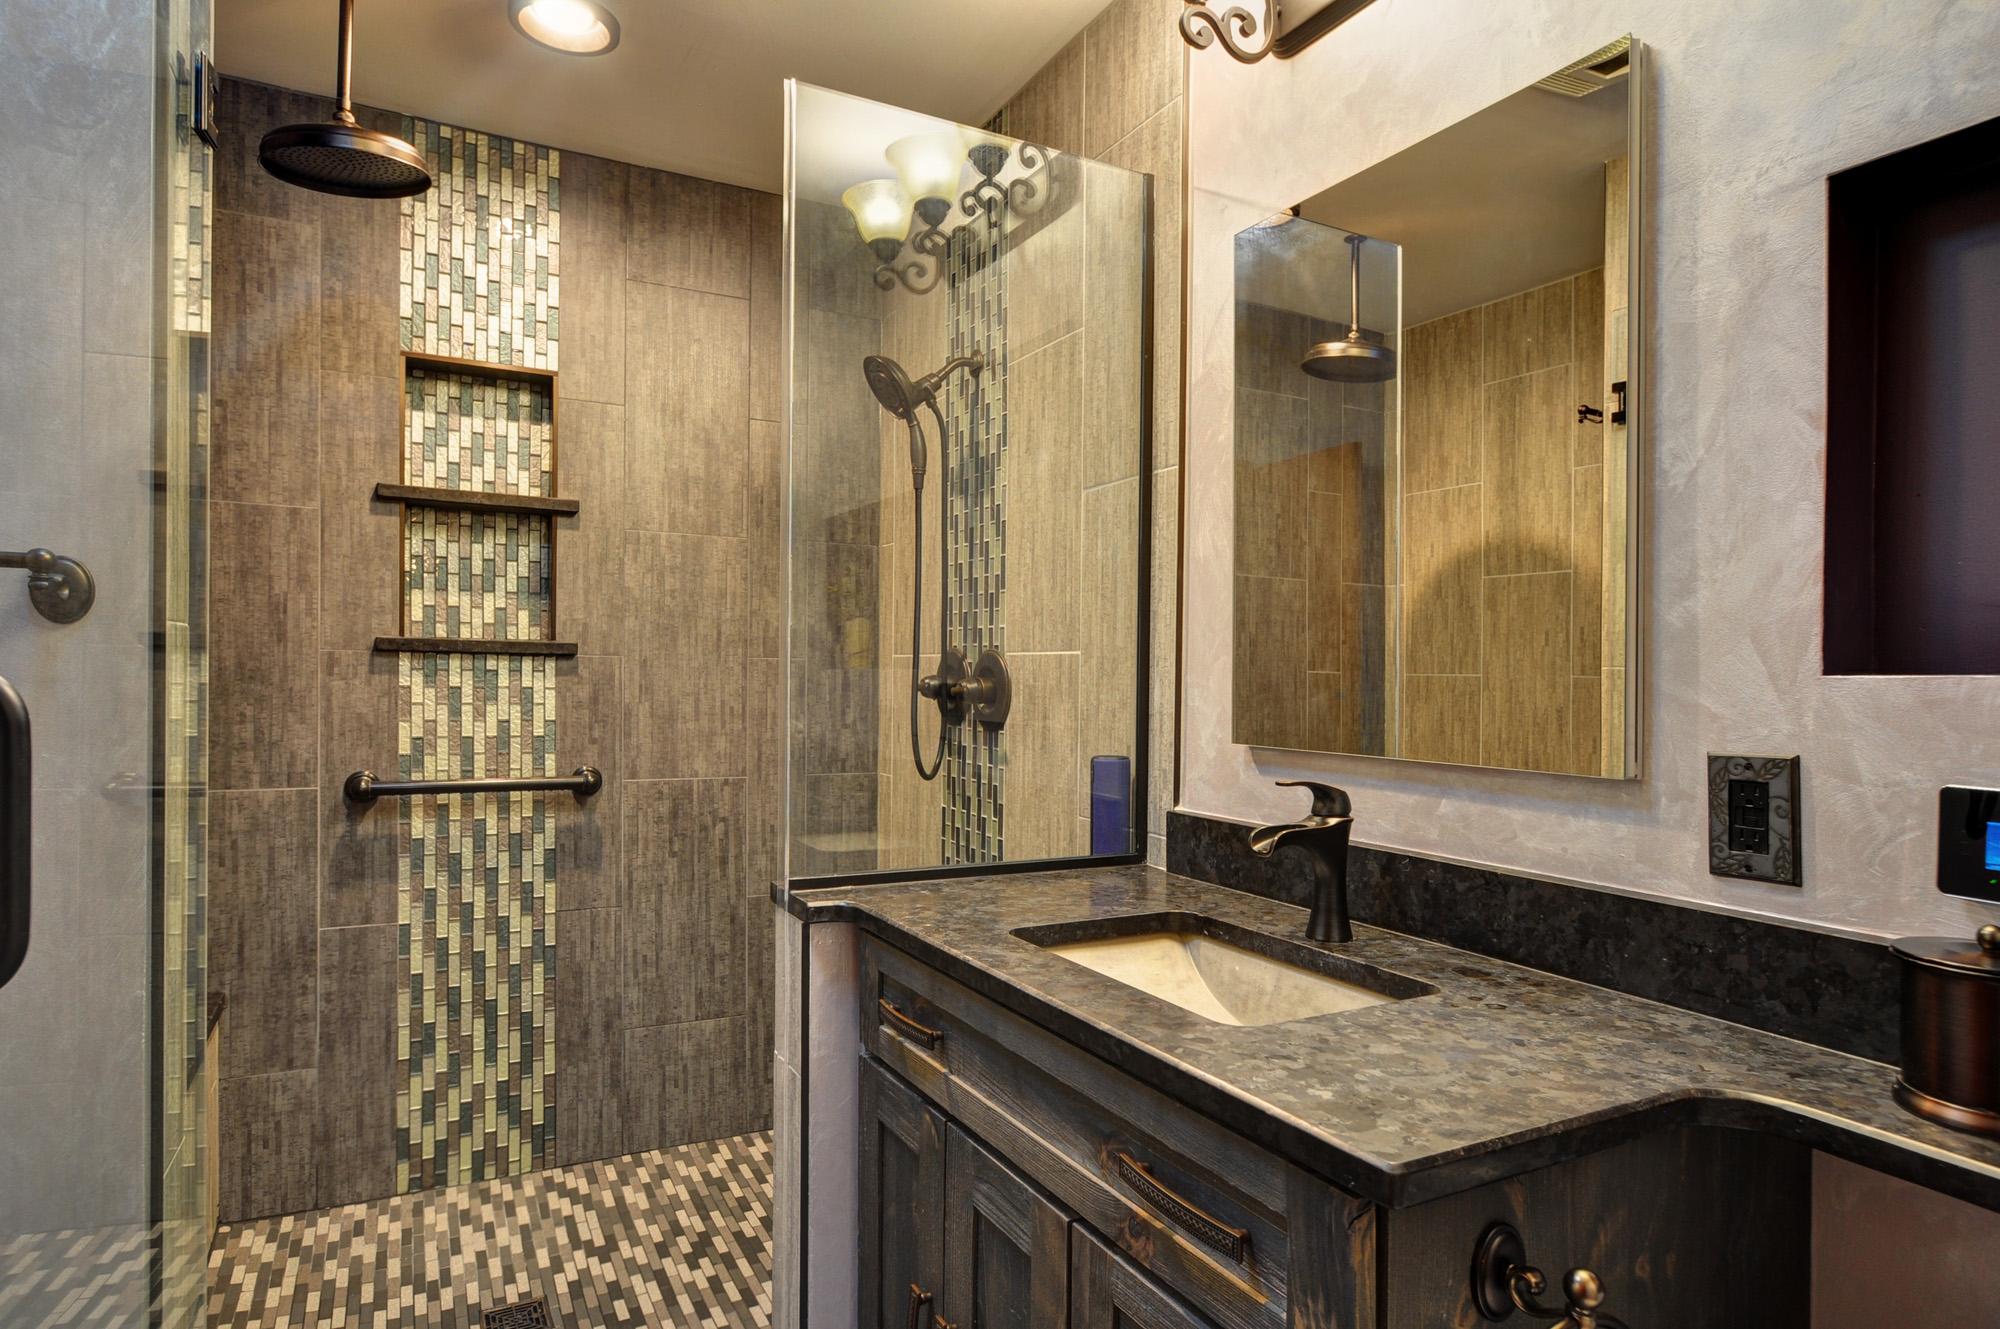 Burlington Bathroom Remodel Building Contractors - Bathroom remodel kenosha